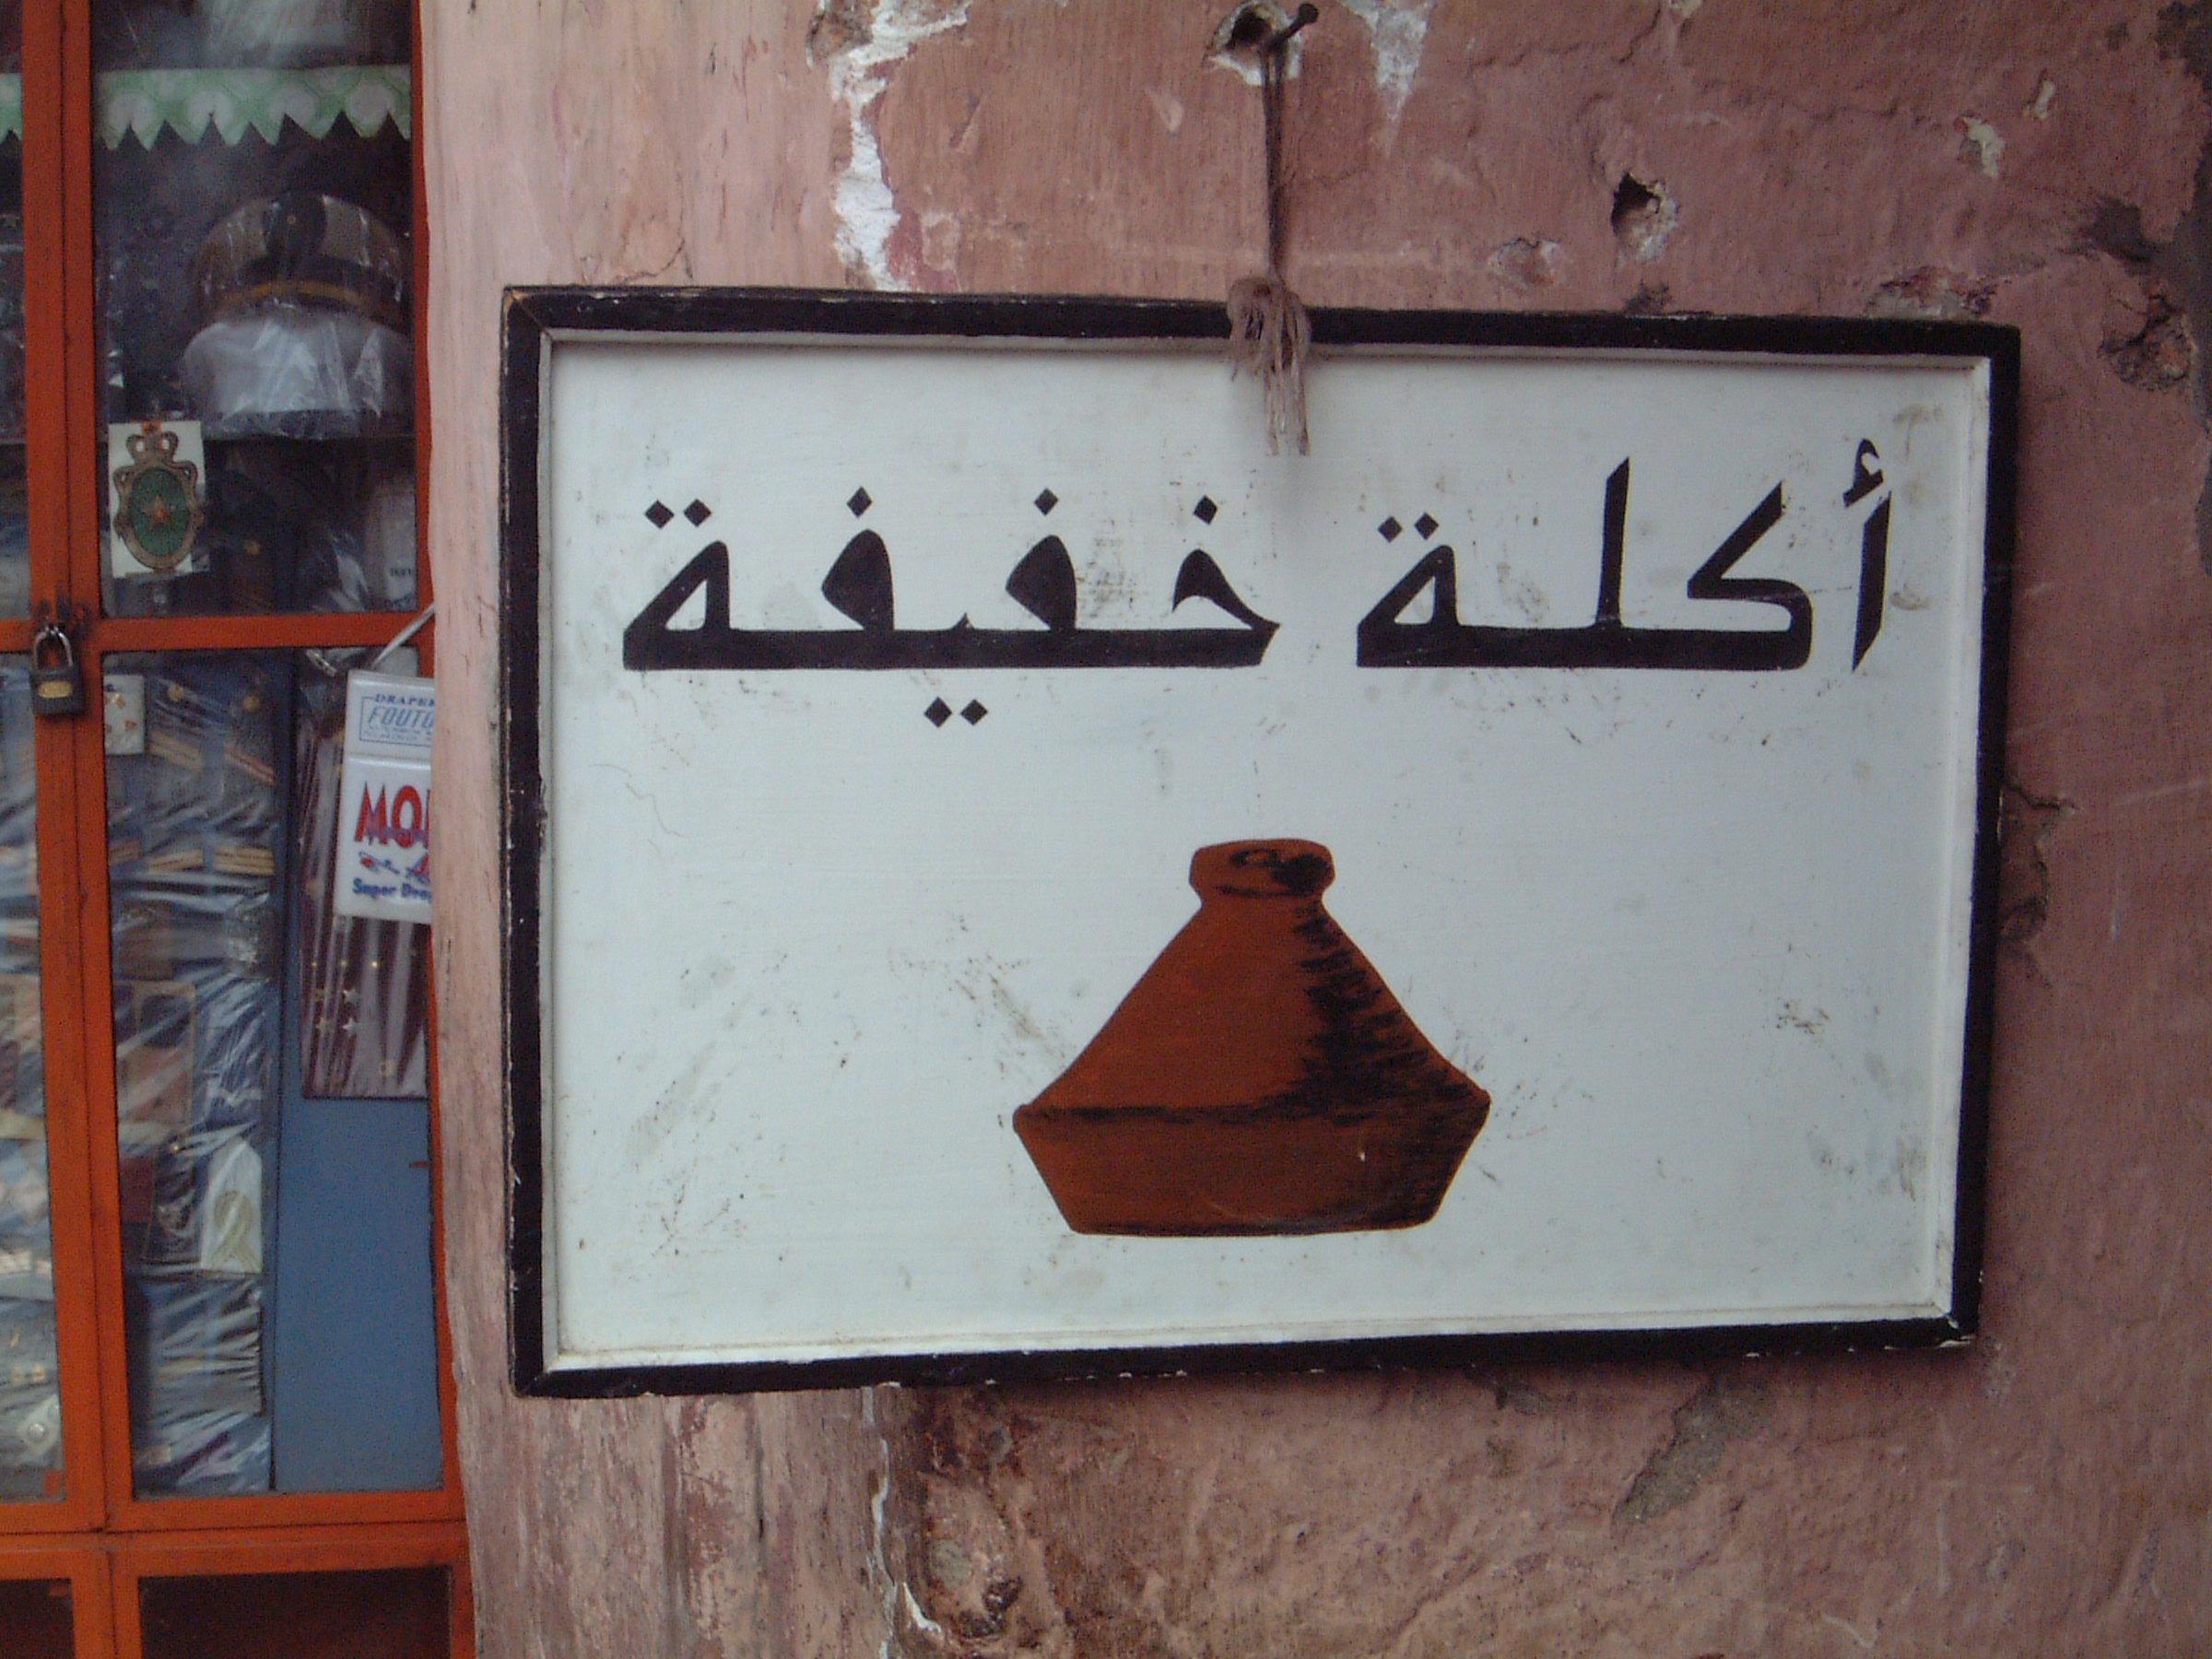 marrakesh003.jpg